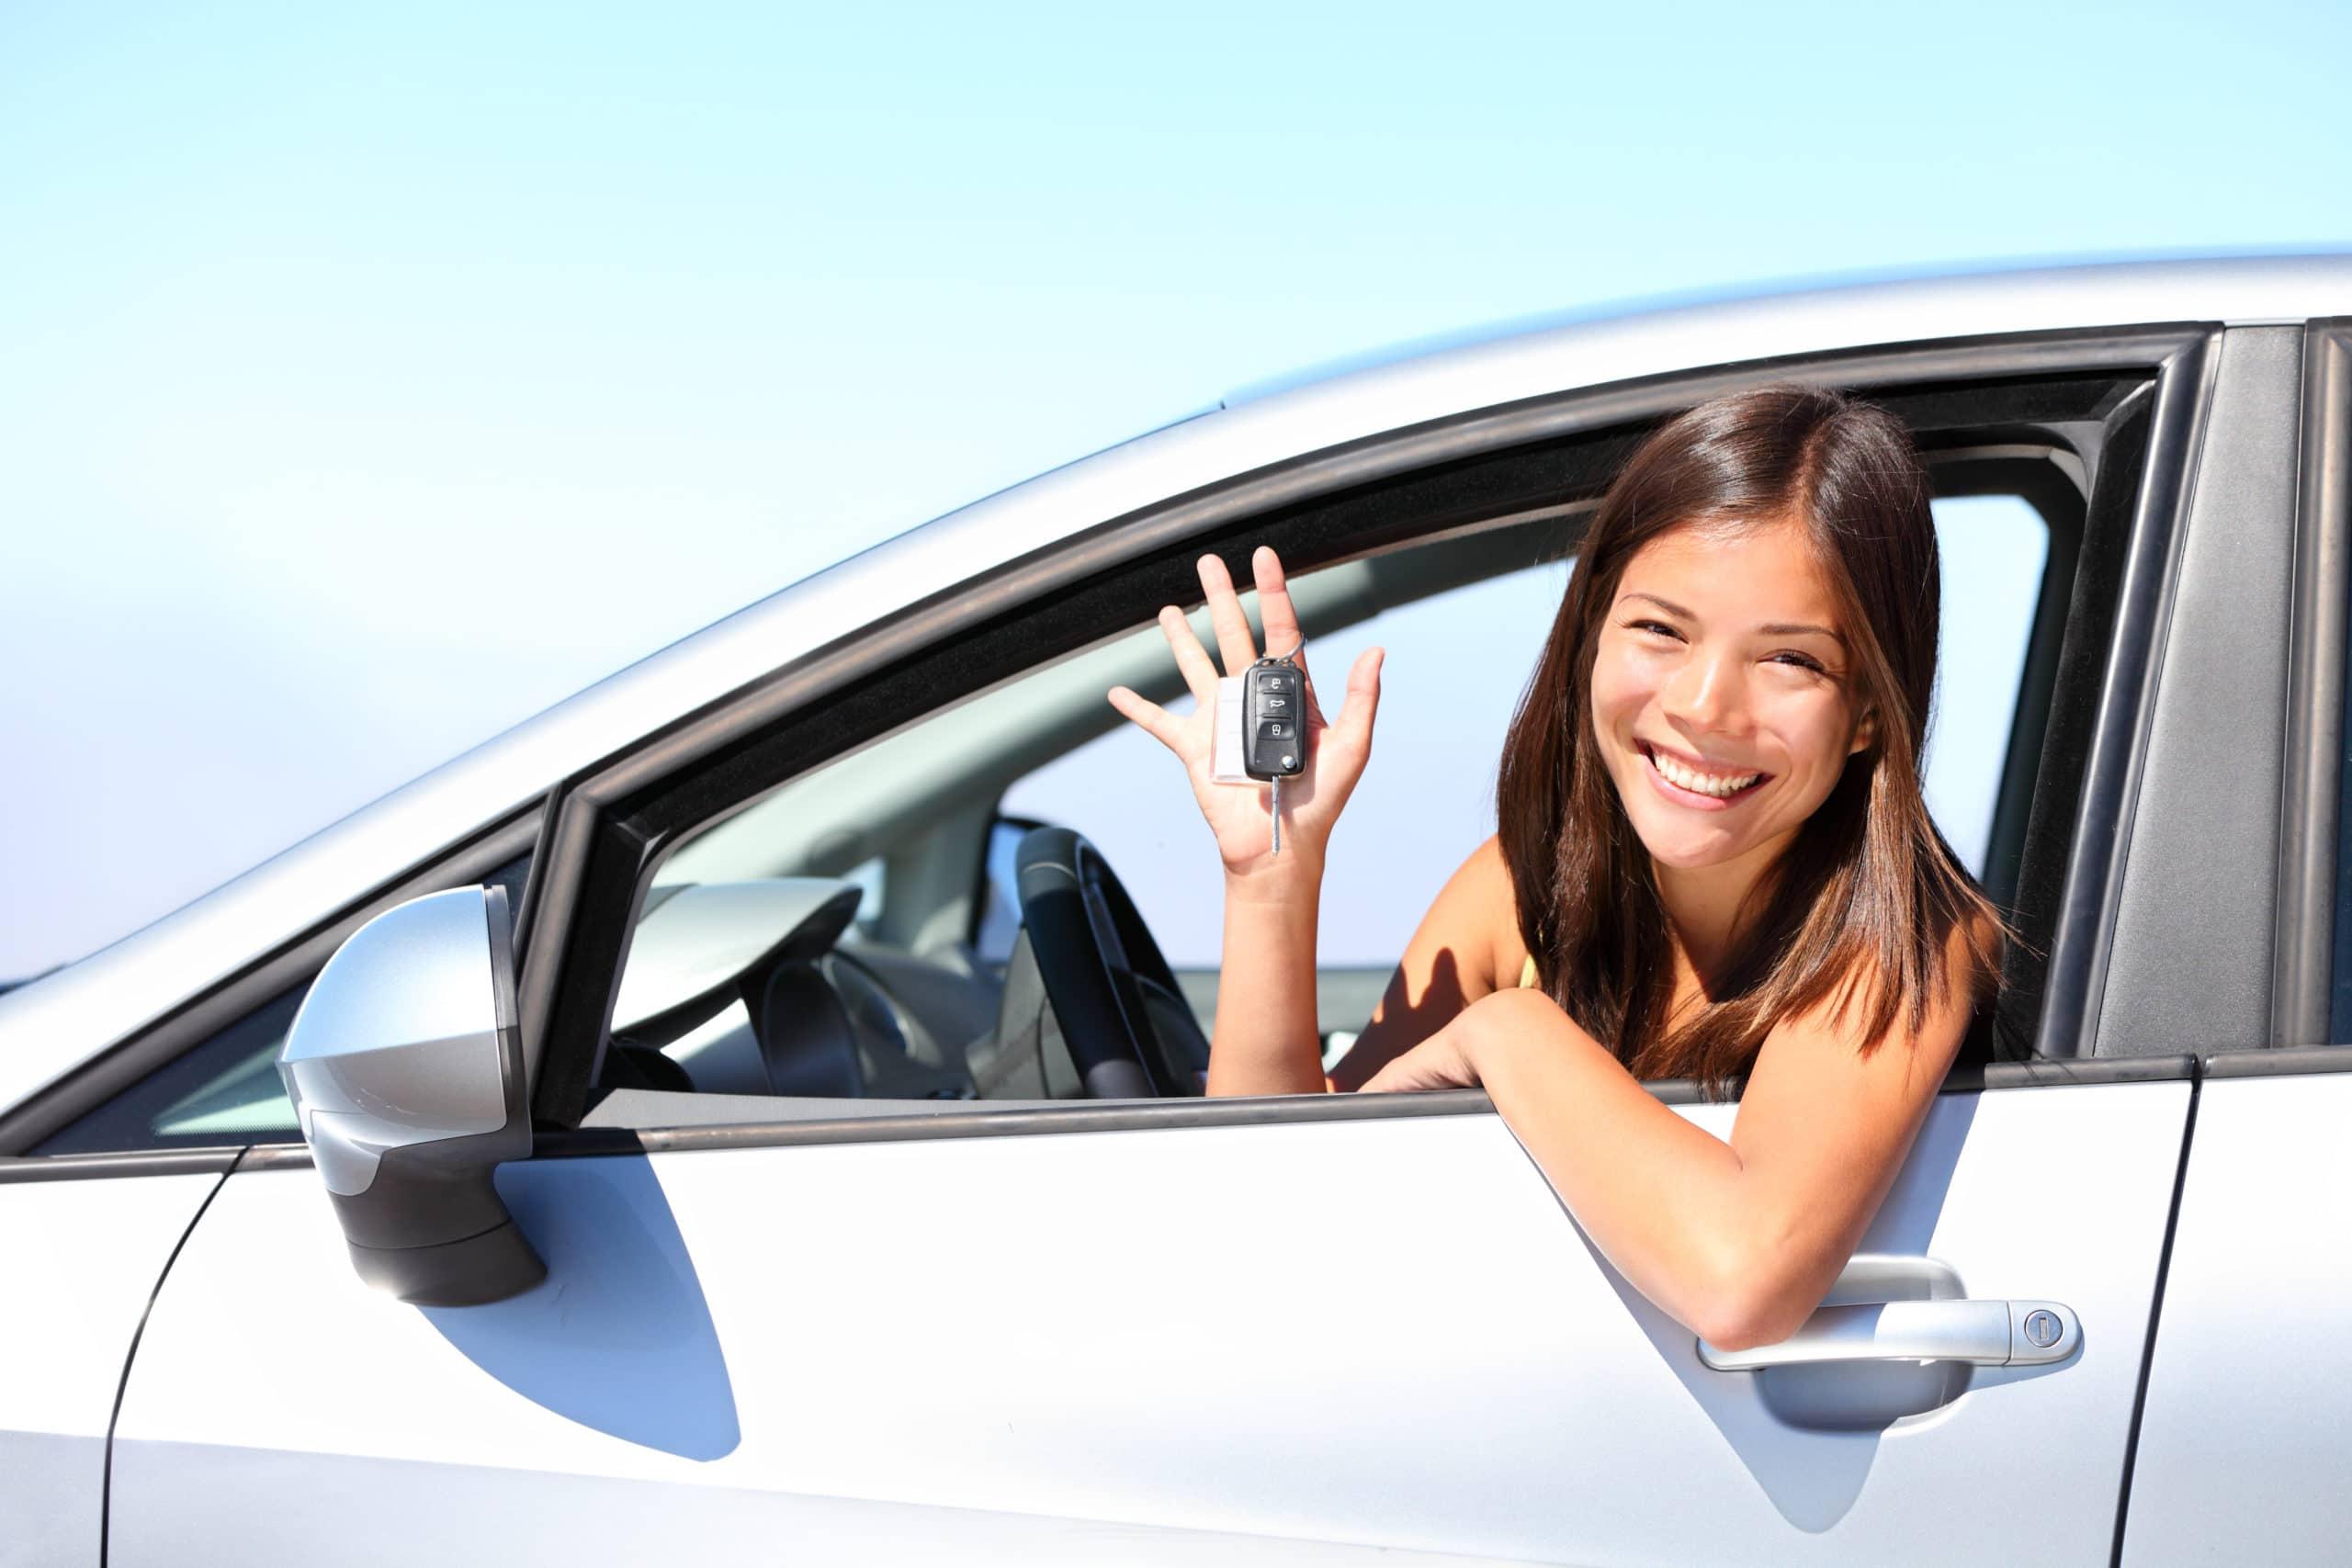 Comment acheter malin une voiture d'occasion? - Auto